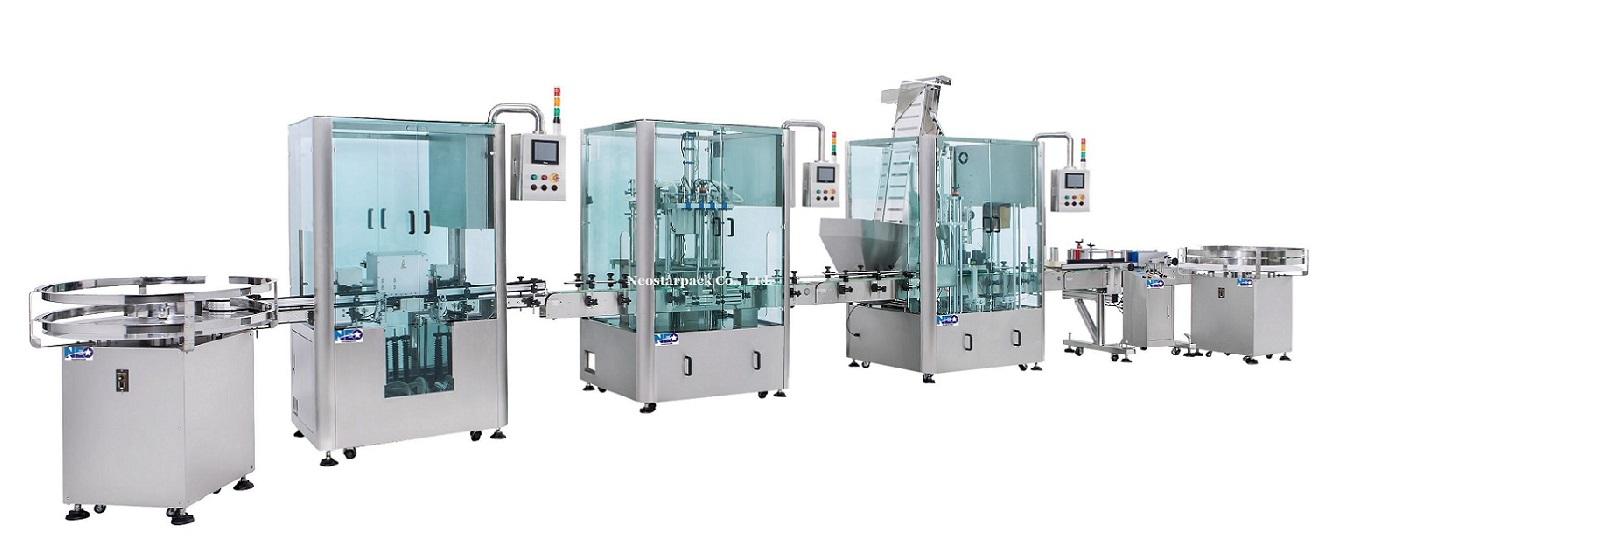 新碩達 整廠產線規劃 洗瓶機、充填機、鎖蓋機、貼標機